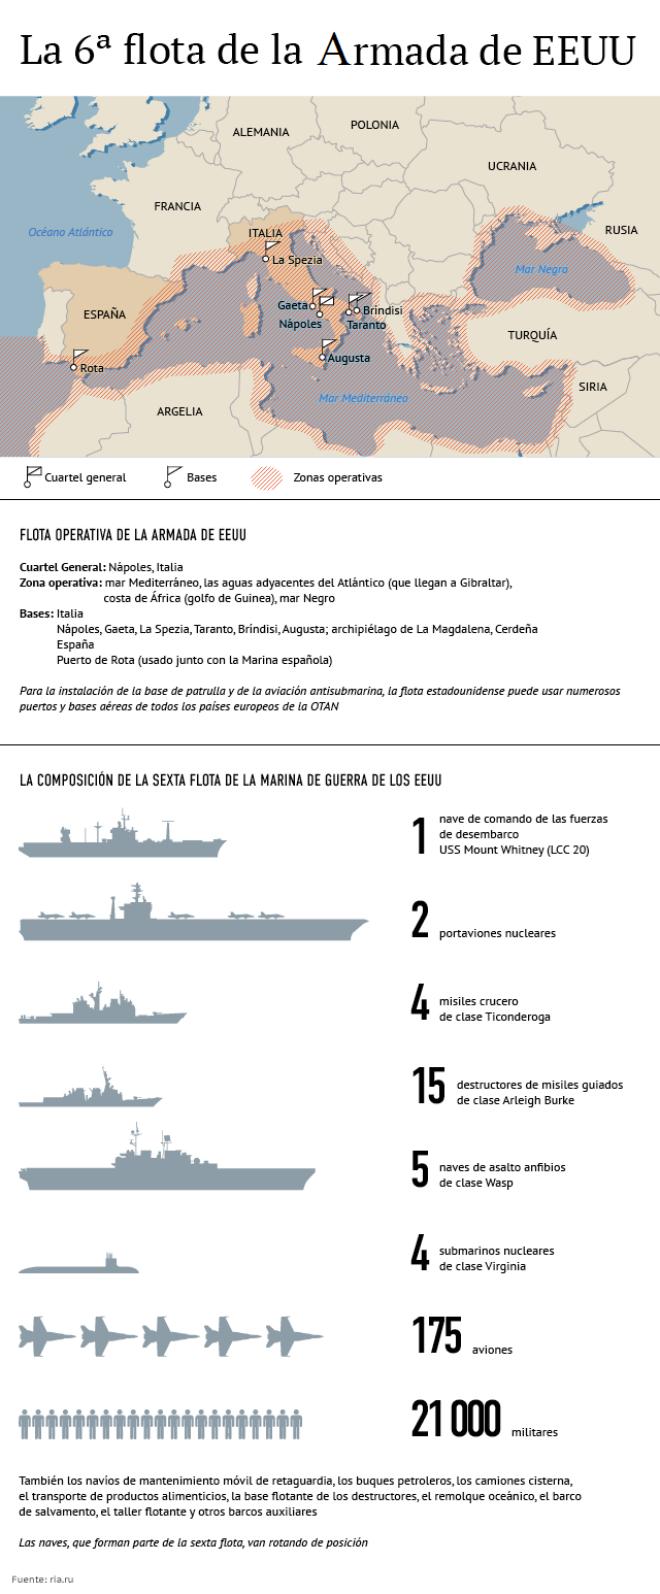 La 6ª flota de la Armada de EEUU